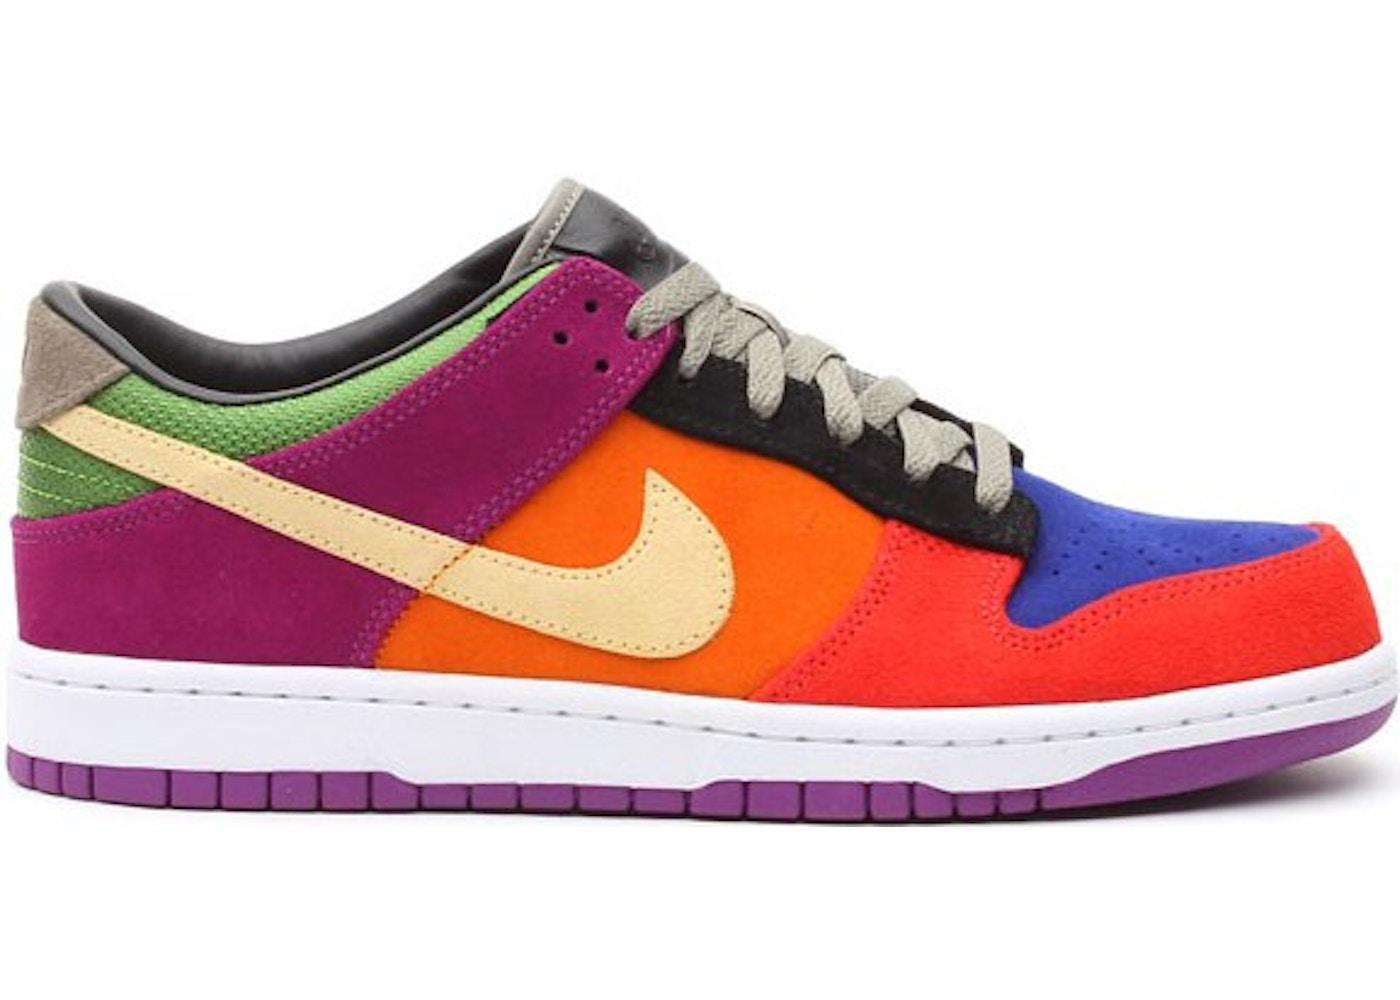 buy popular 49ffd c4359 Nike Dunk SB Low Viotech (2013) - 617069-550